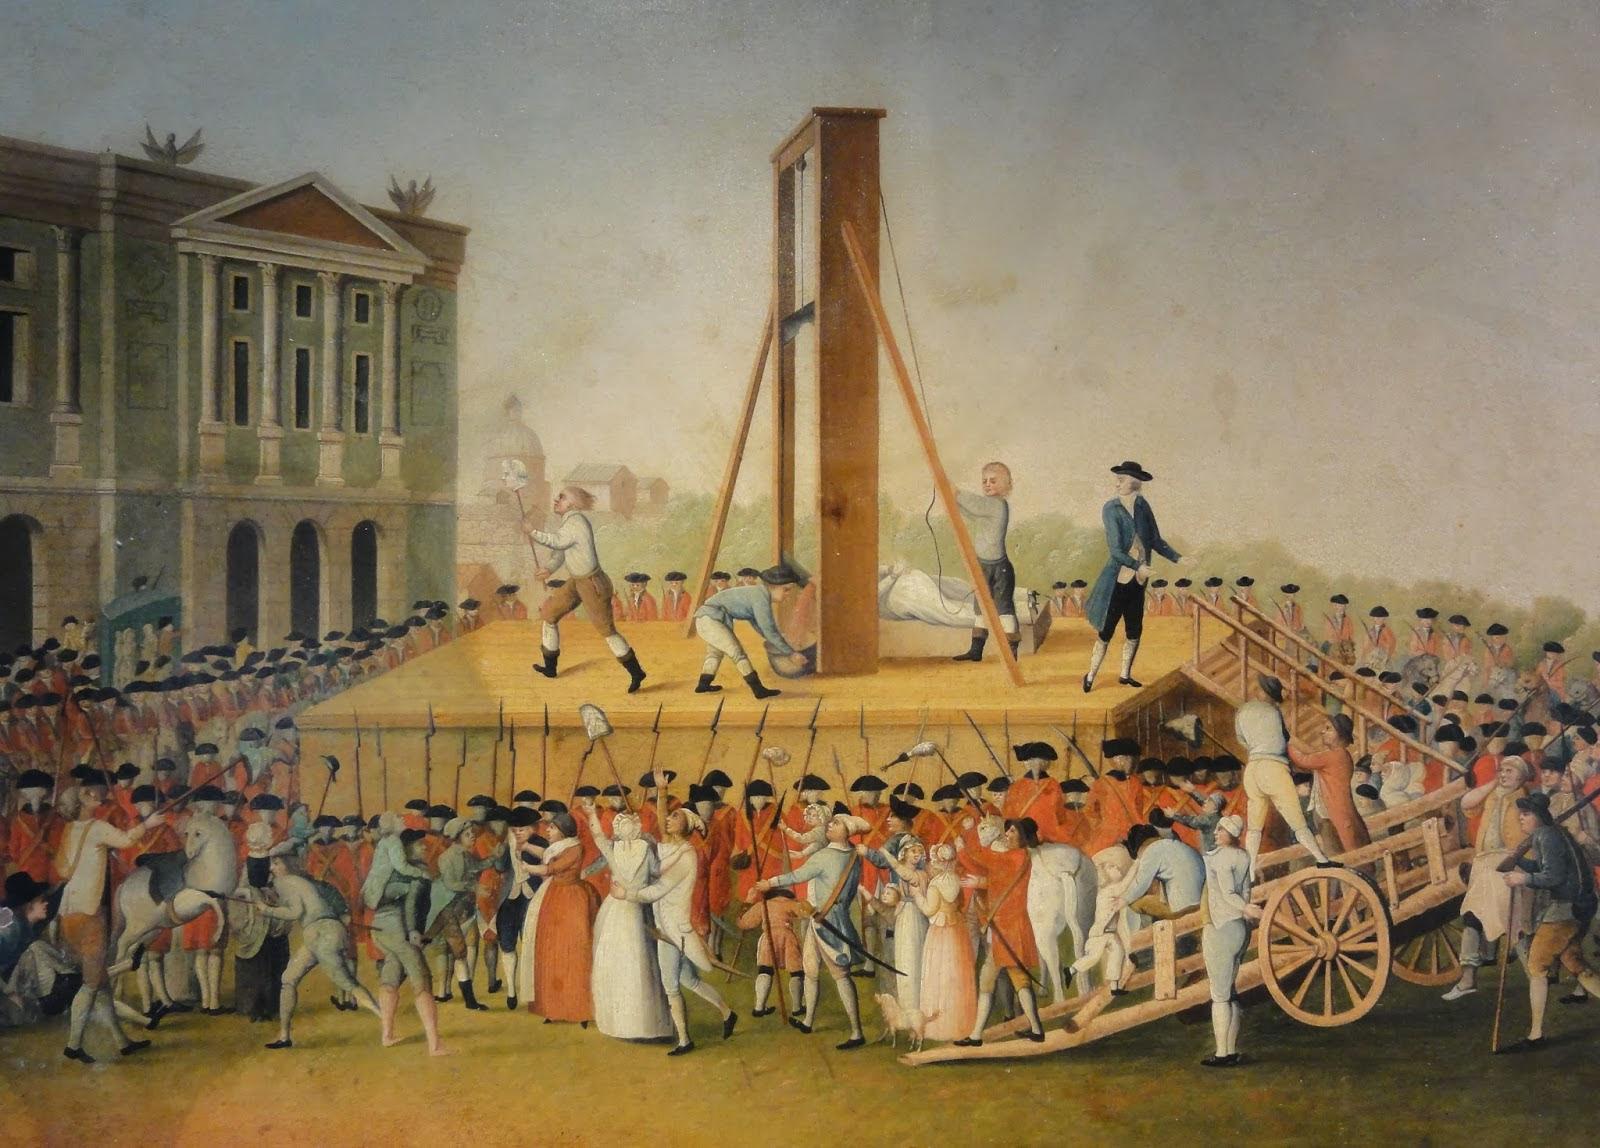 File:Exécution de Marie Antoinette le 16 octobre 1793.jpg